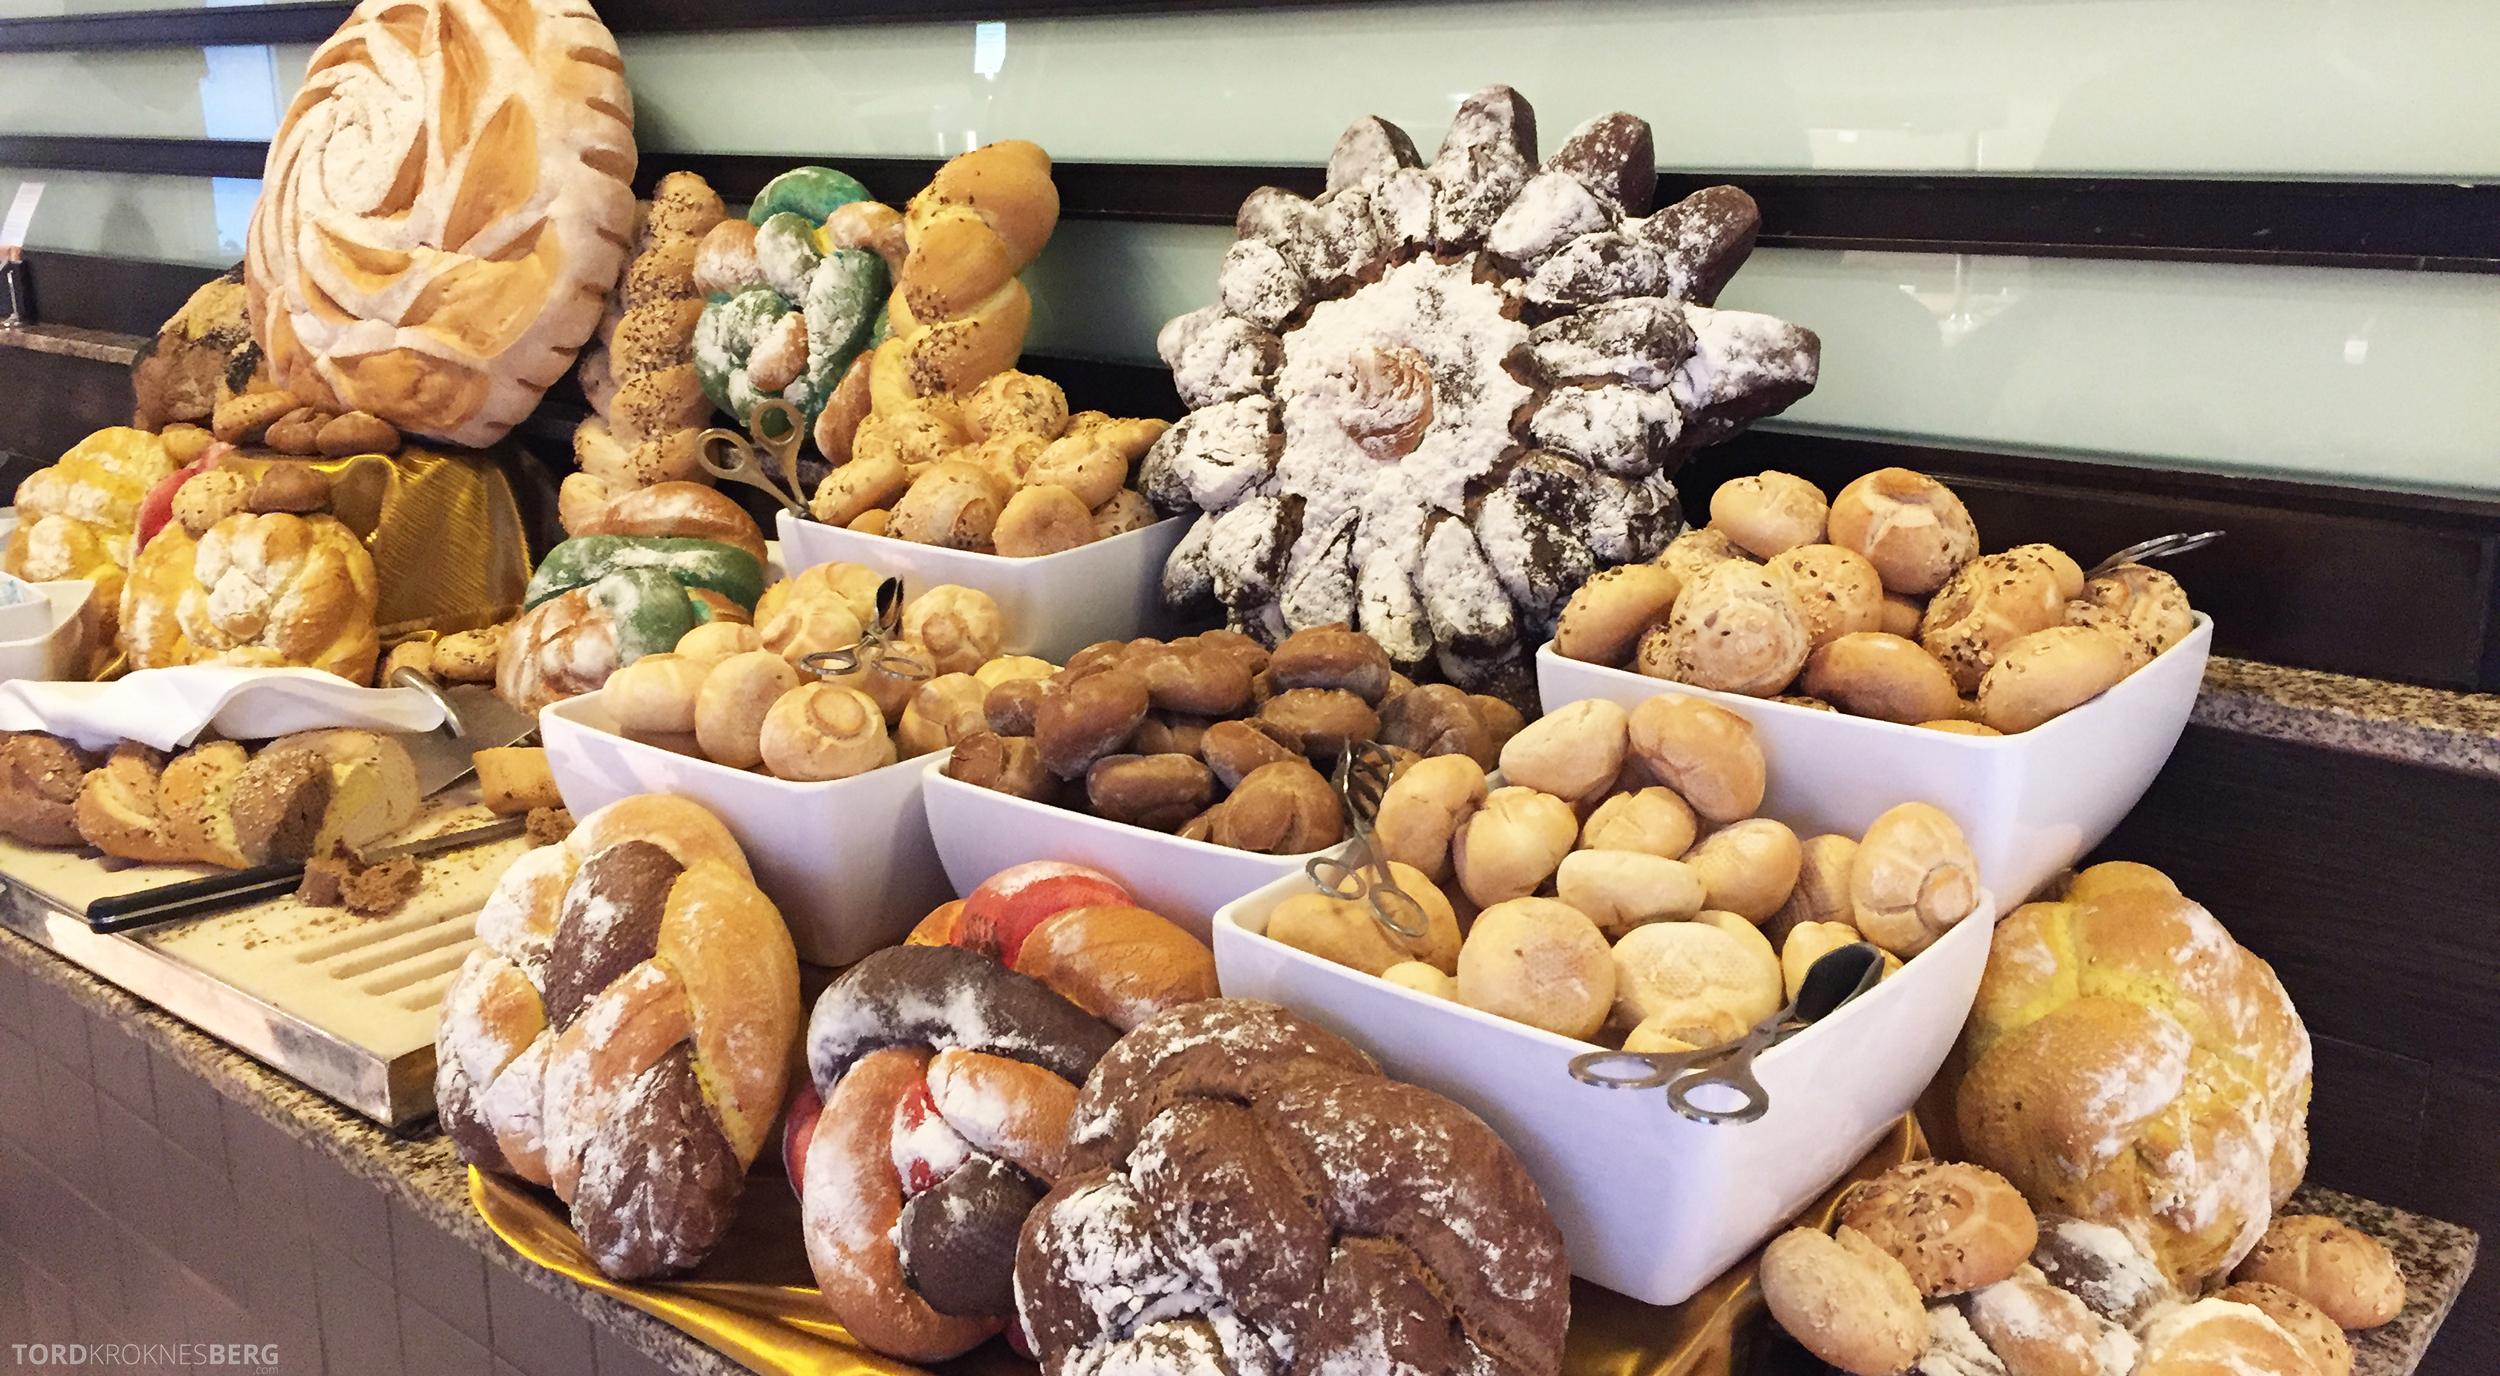 ClubHotel RIU Gran Canaria brød